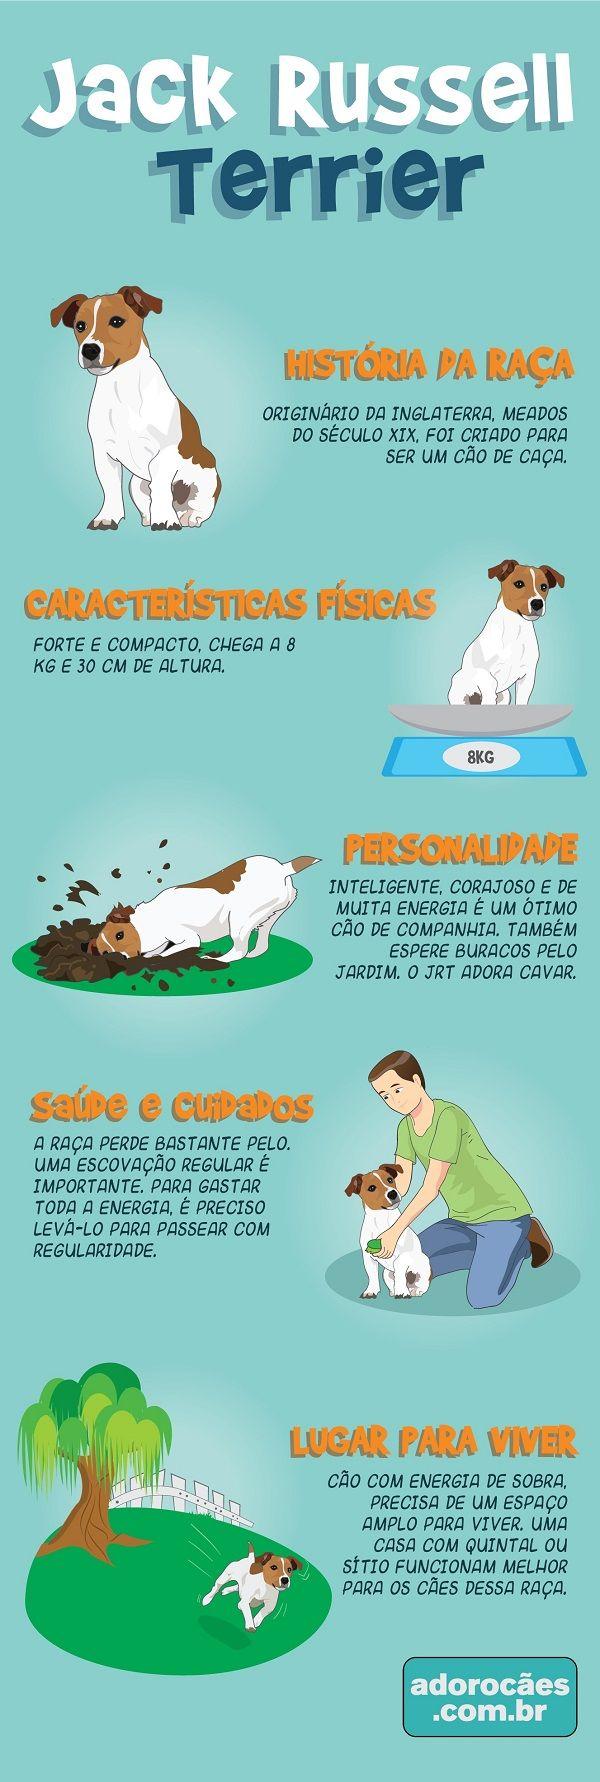 Jack Russell Terrier: história da raça, características físicas, personalidade, temperamento, saúde e cuidados, lugar para viver